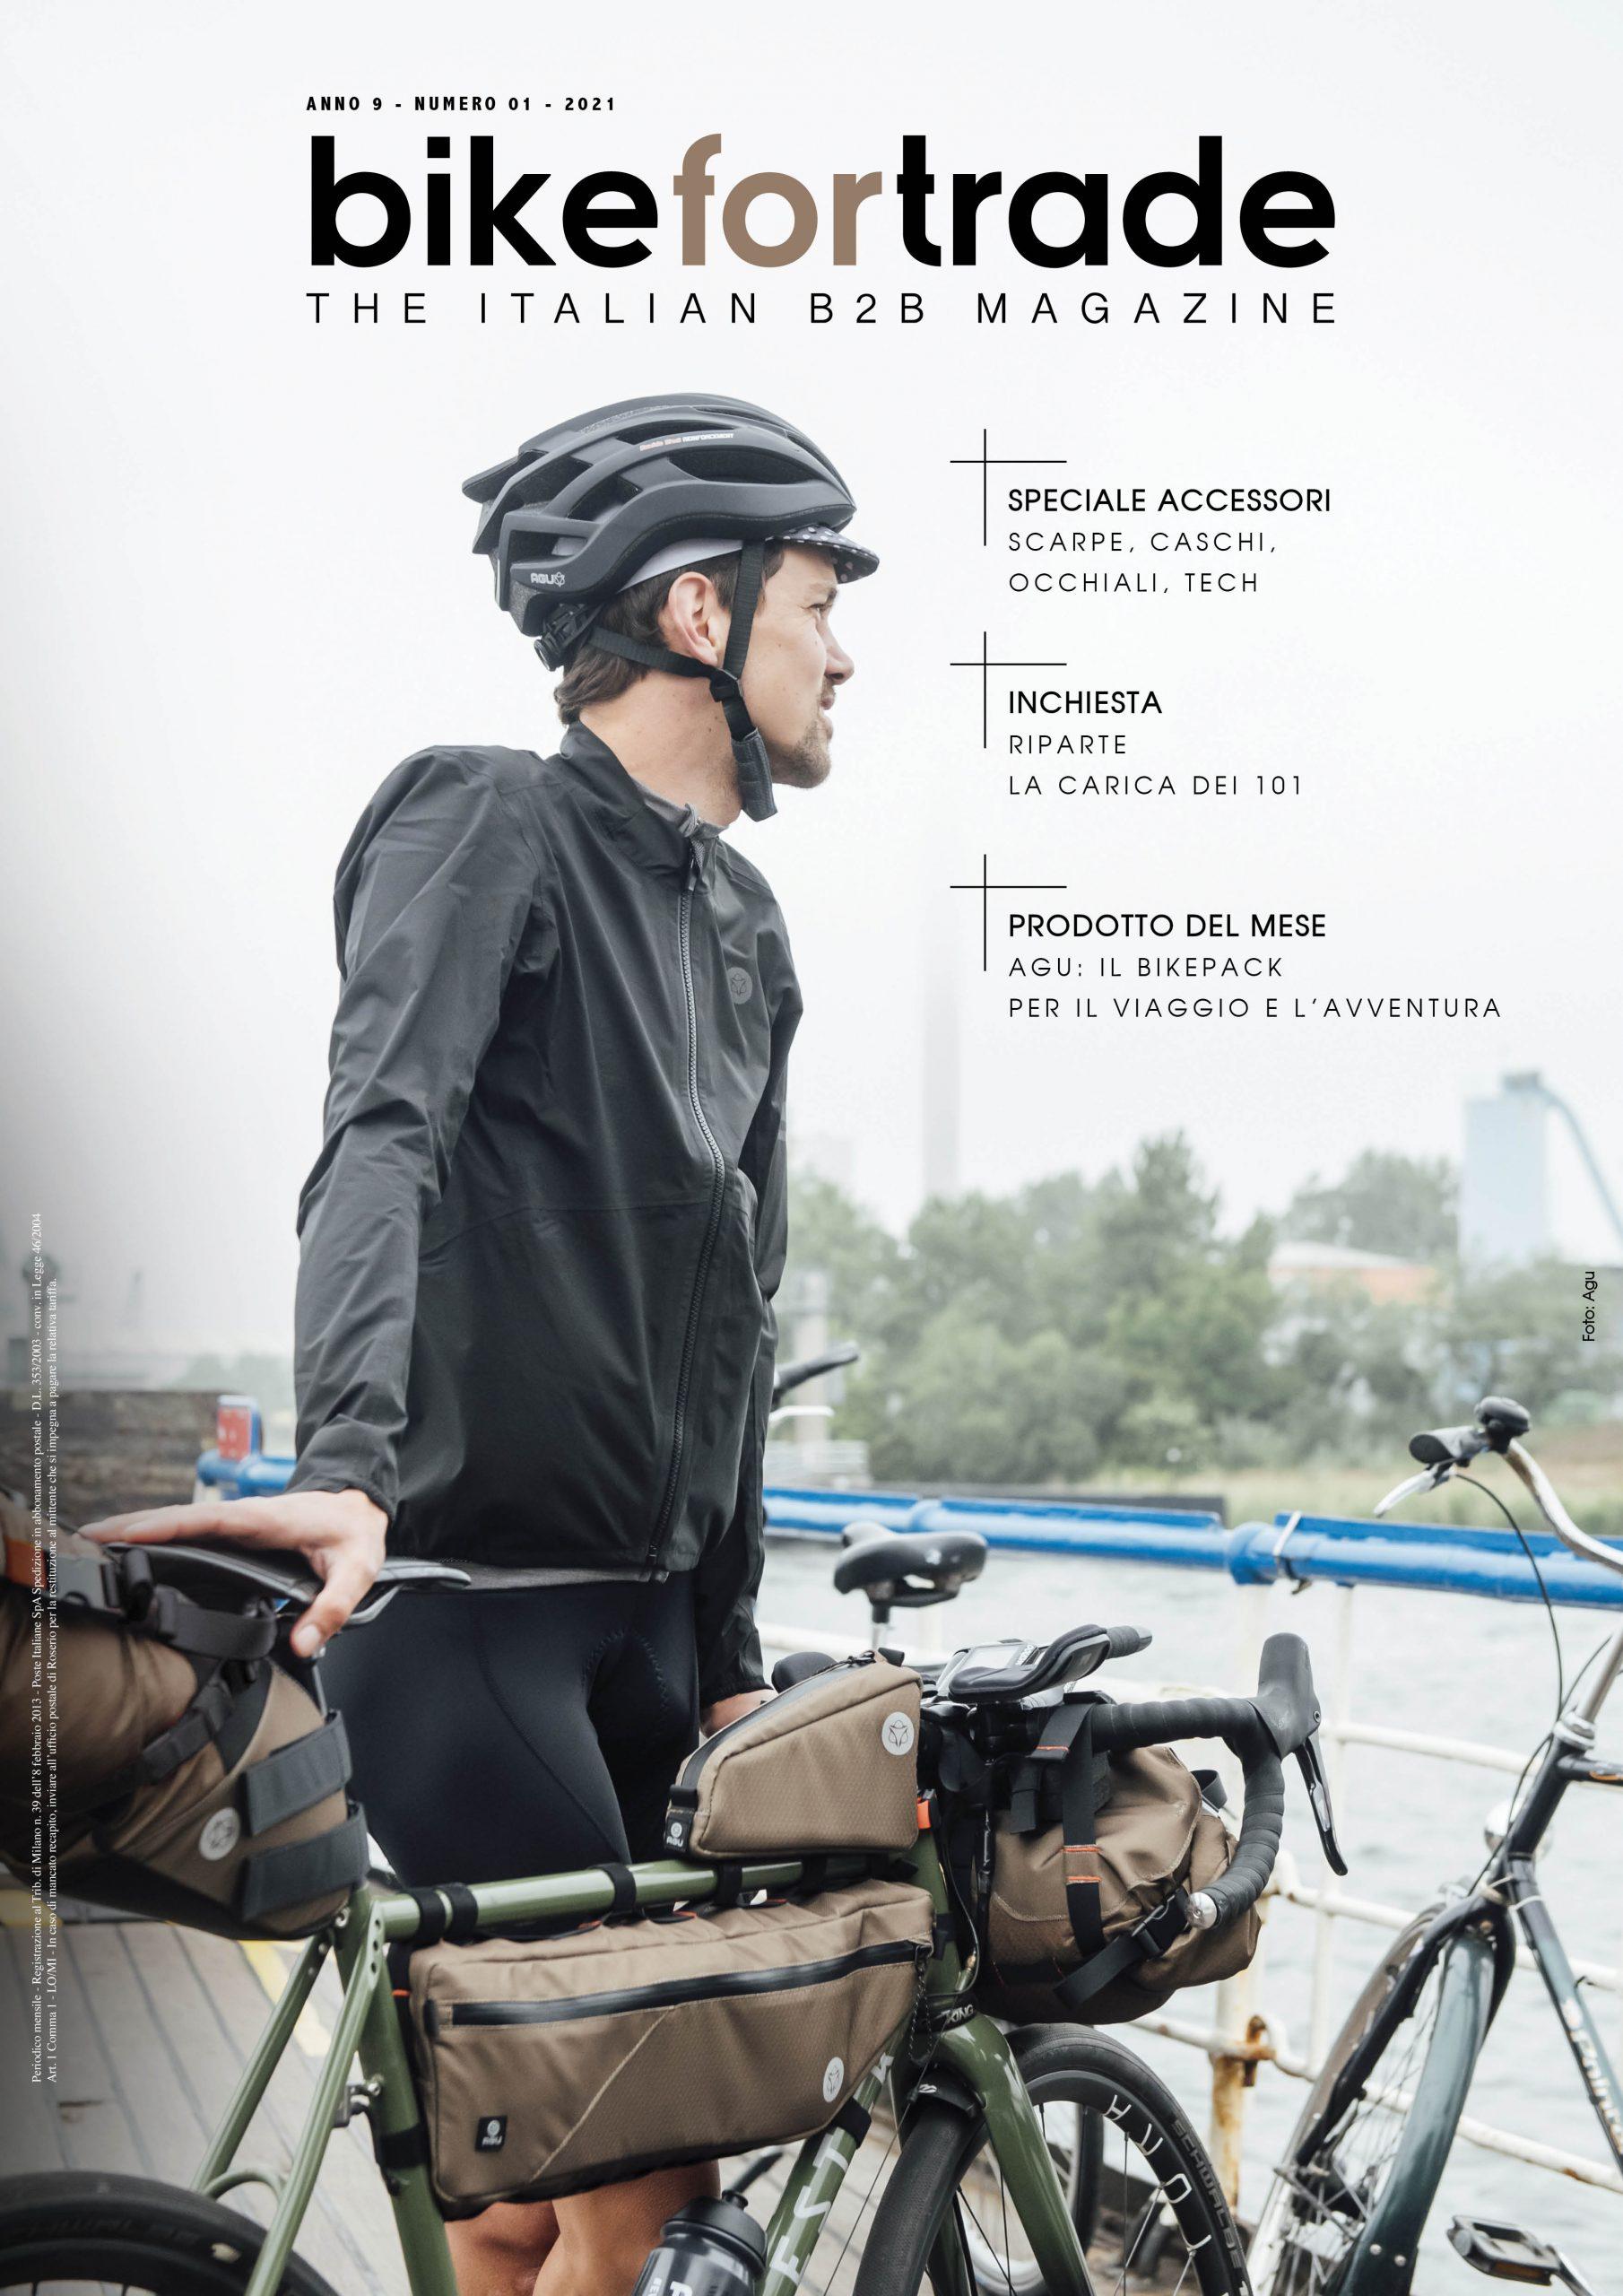 Bikefortrade 01_2021